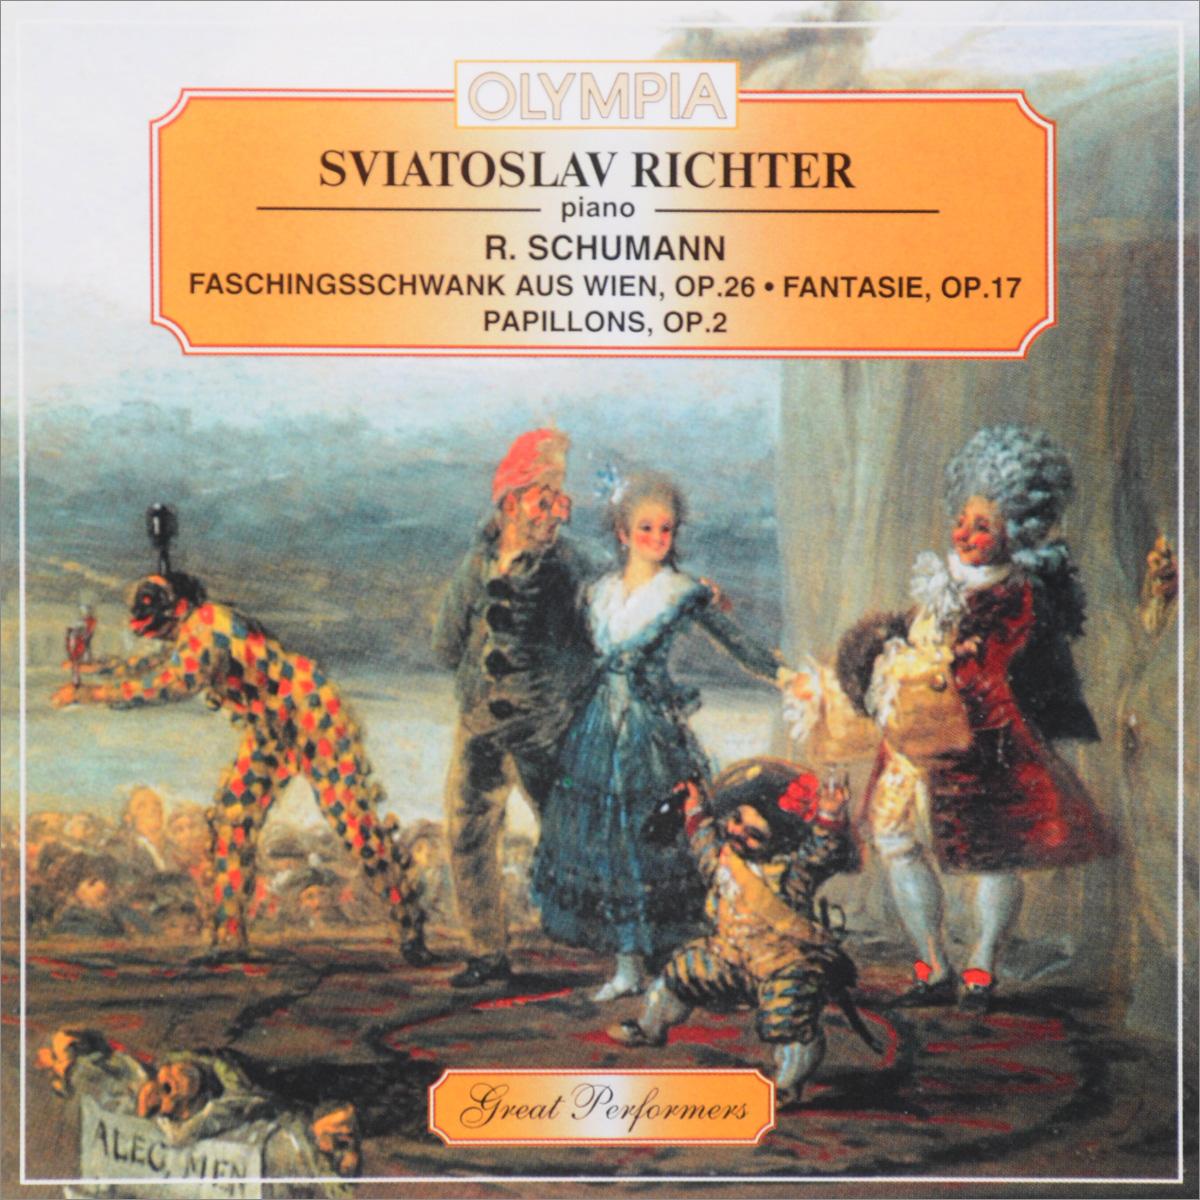 Святослав Рихтер Sviatoslav Richter. R. Schumann. Faschingsschwank Aus Wien, Op. 26 / Fantasie, Op. 17 / Papillons, Op. 2 недорого